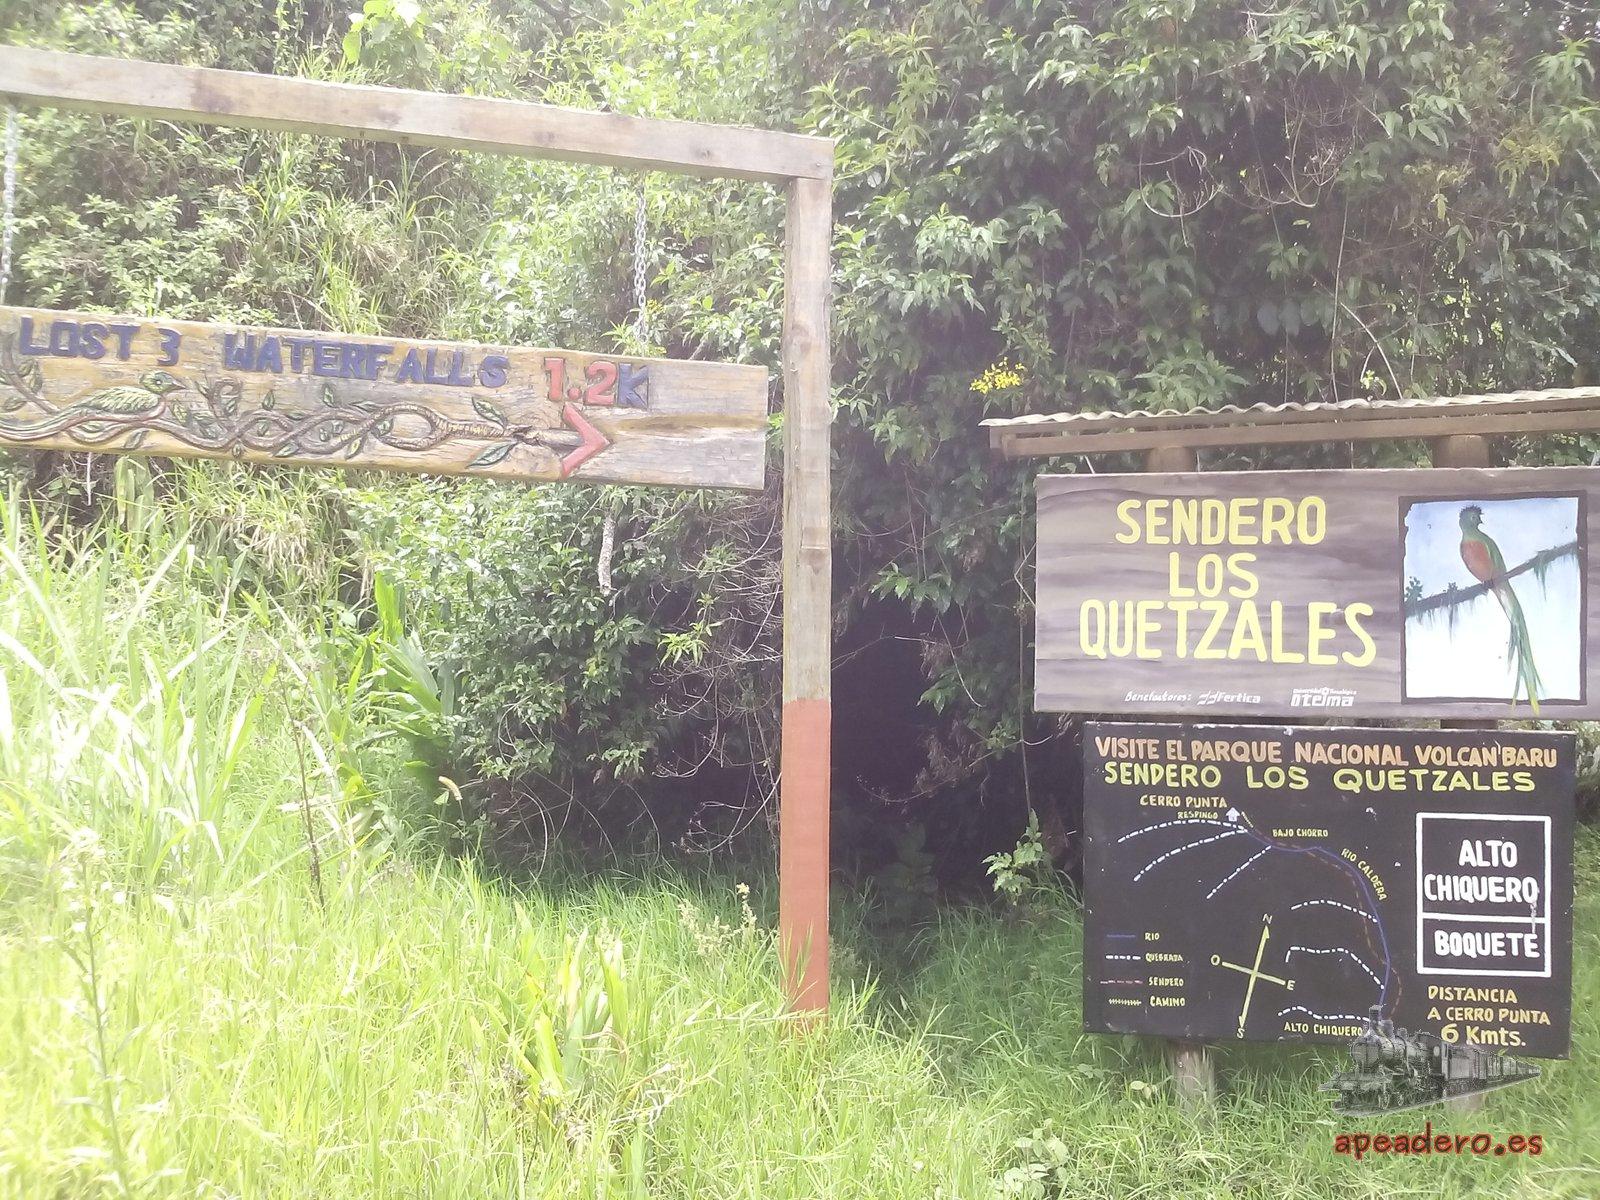 Boquete (Panamá): Qué hacer y qué ver